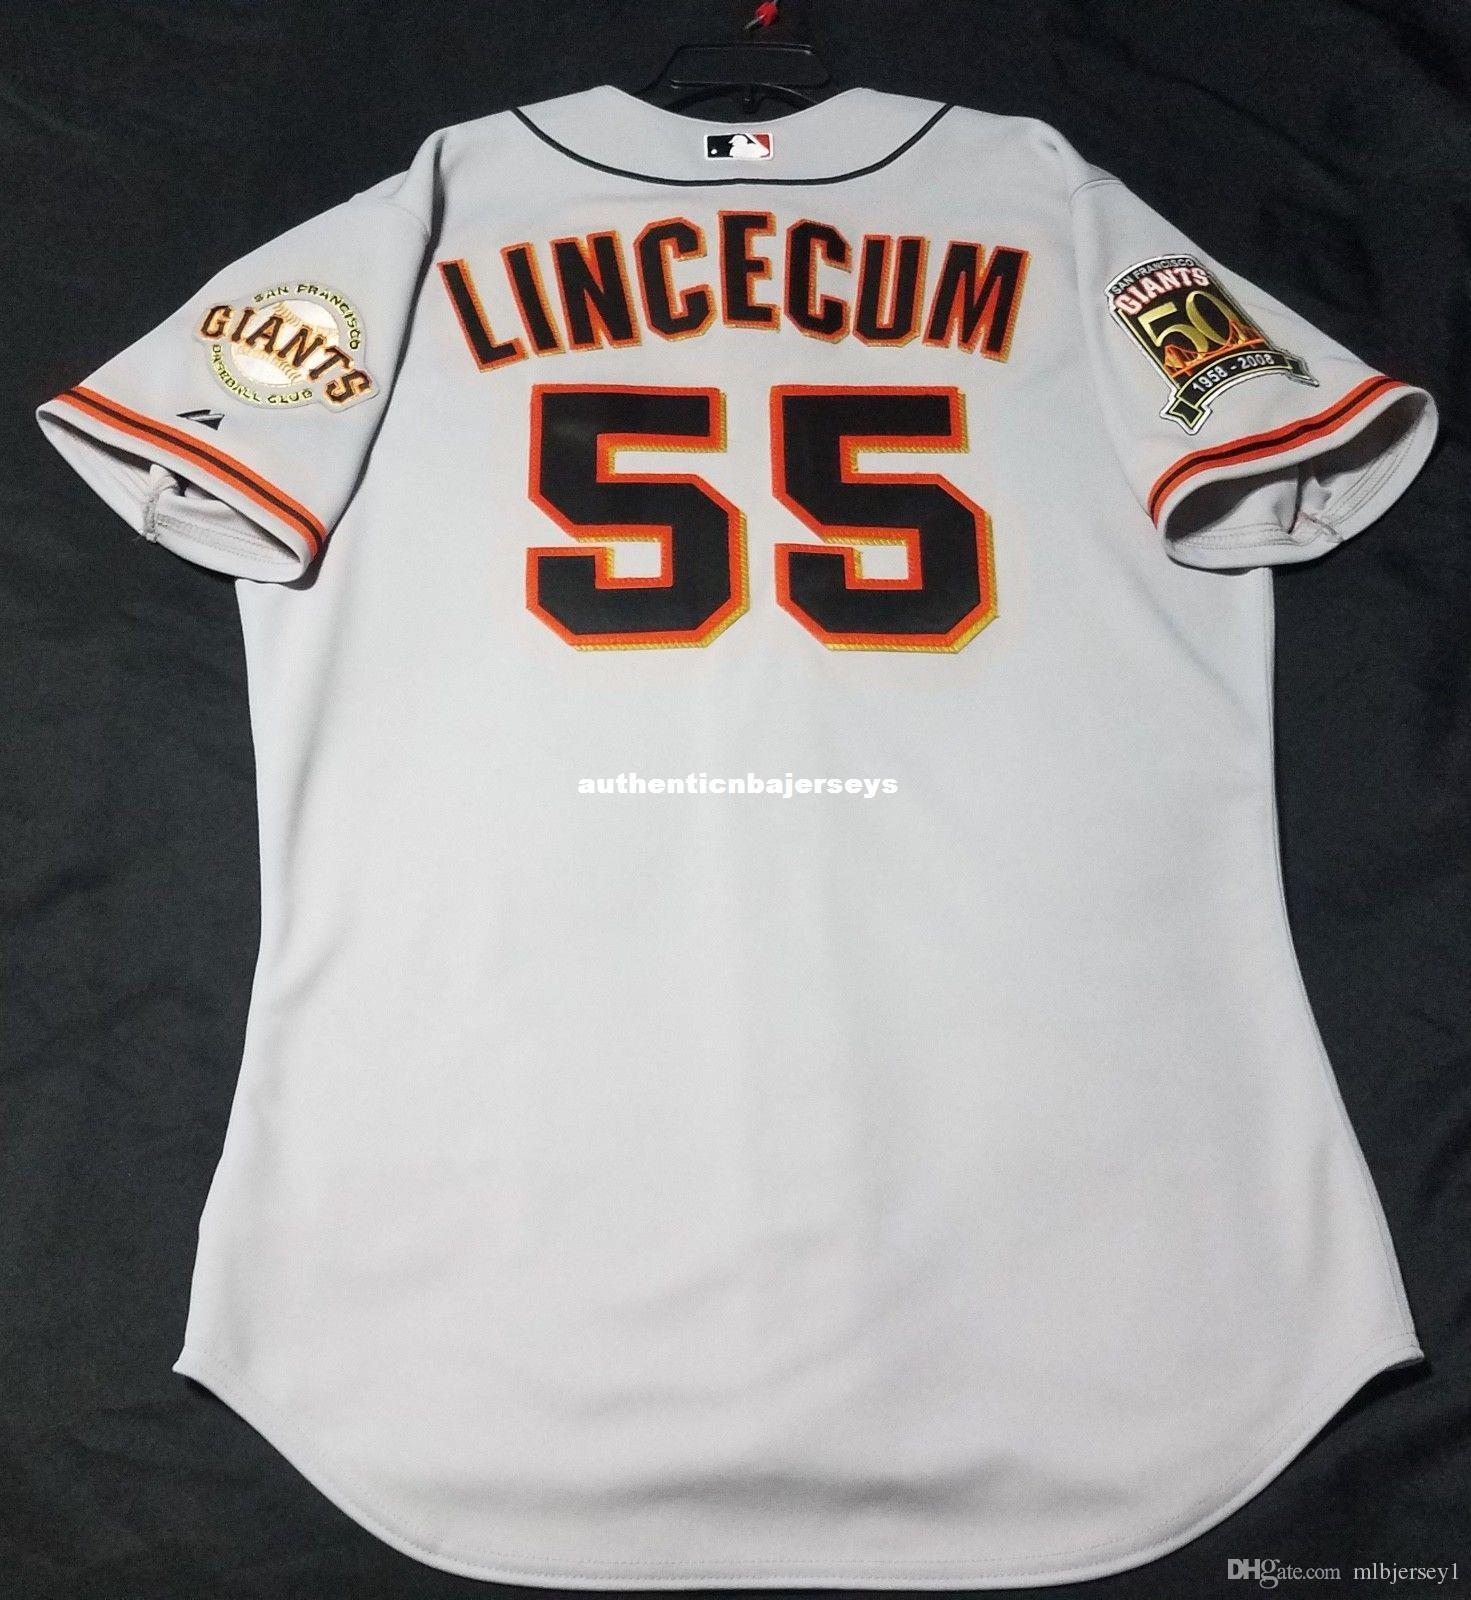 Majestic baratos San Francisco # 55 Tim Lincecum GRIS EN CAMPO Jersey para hombre cosido al por mayor de grandes y altos TAMAÑO XS-6XL camisetas de béisbol